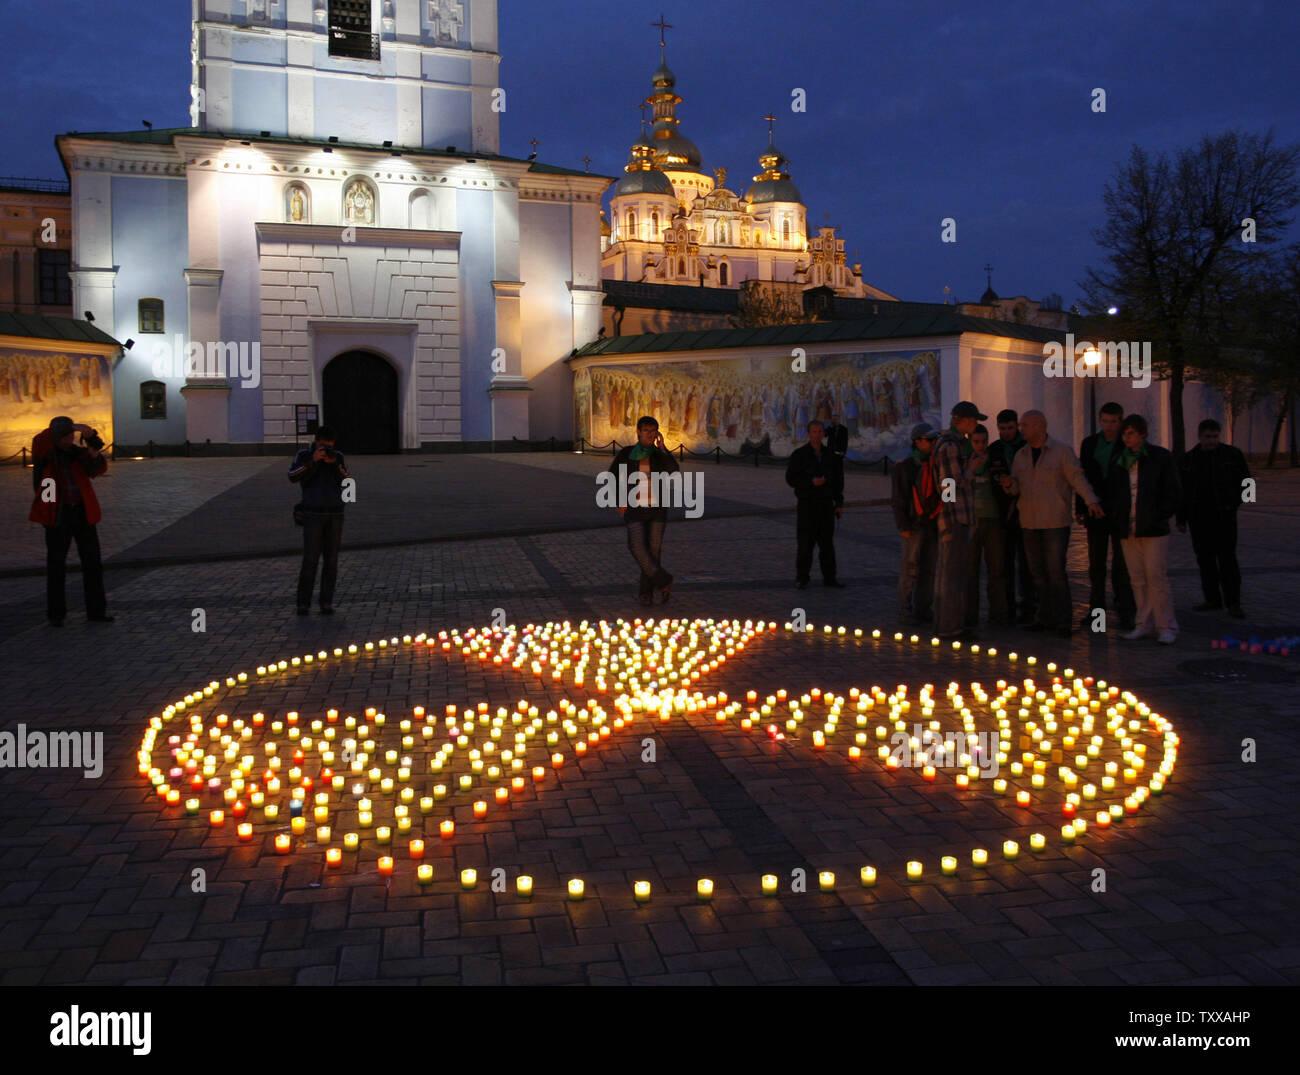 Ukraine Belarus Stock Photos & Ukraine Belarus Stock Images